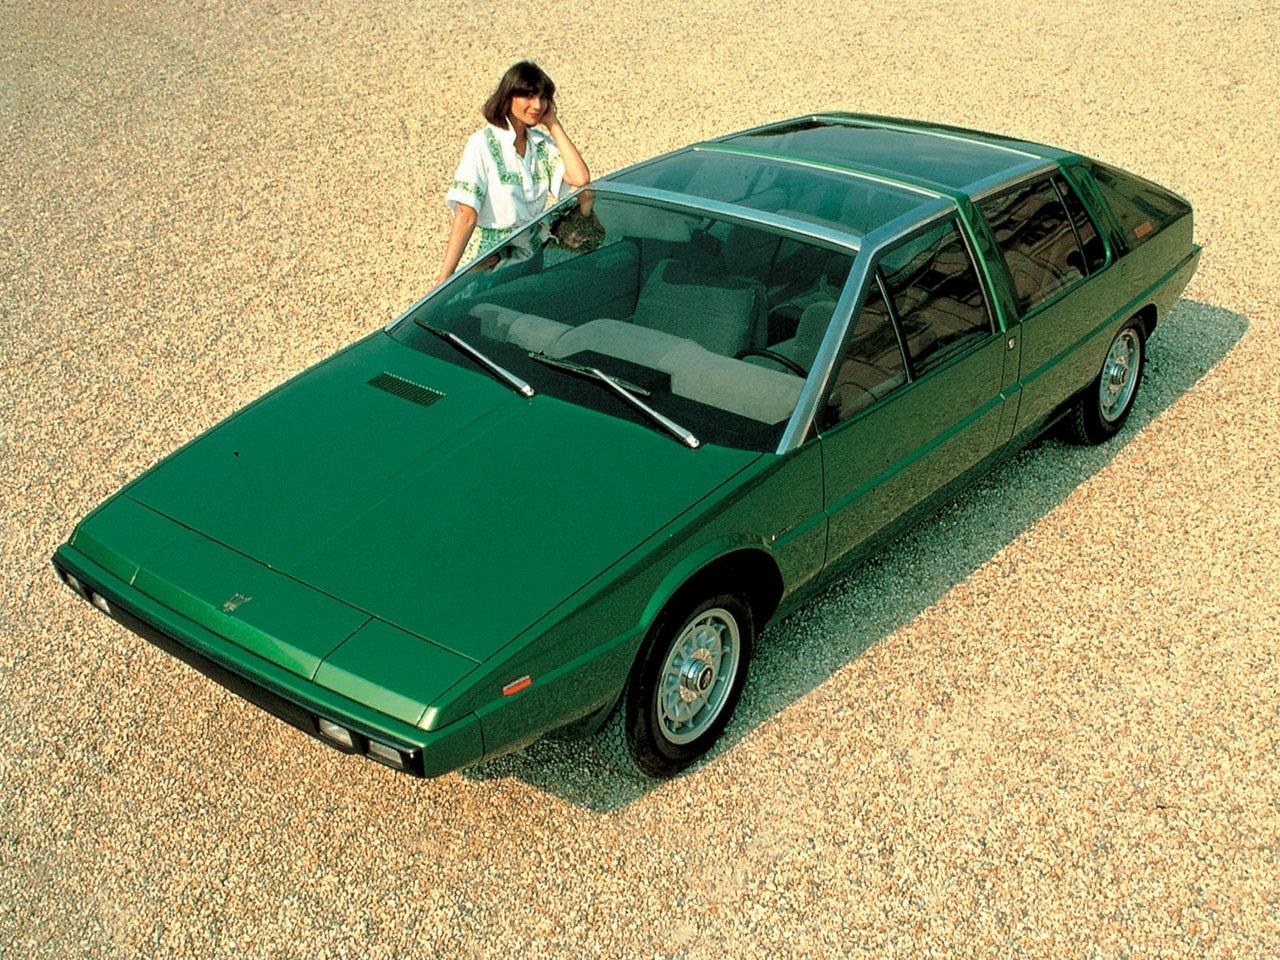 Maserati Medici: due prototipi che diedero tanto al design automobilistico.